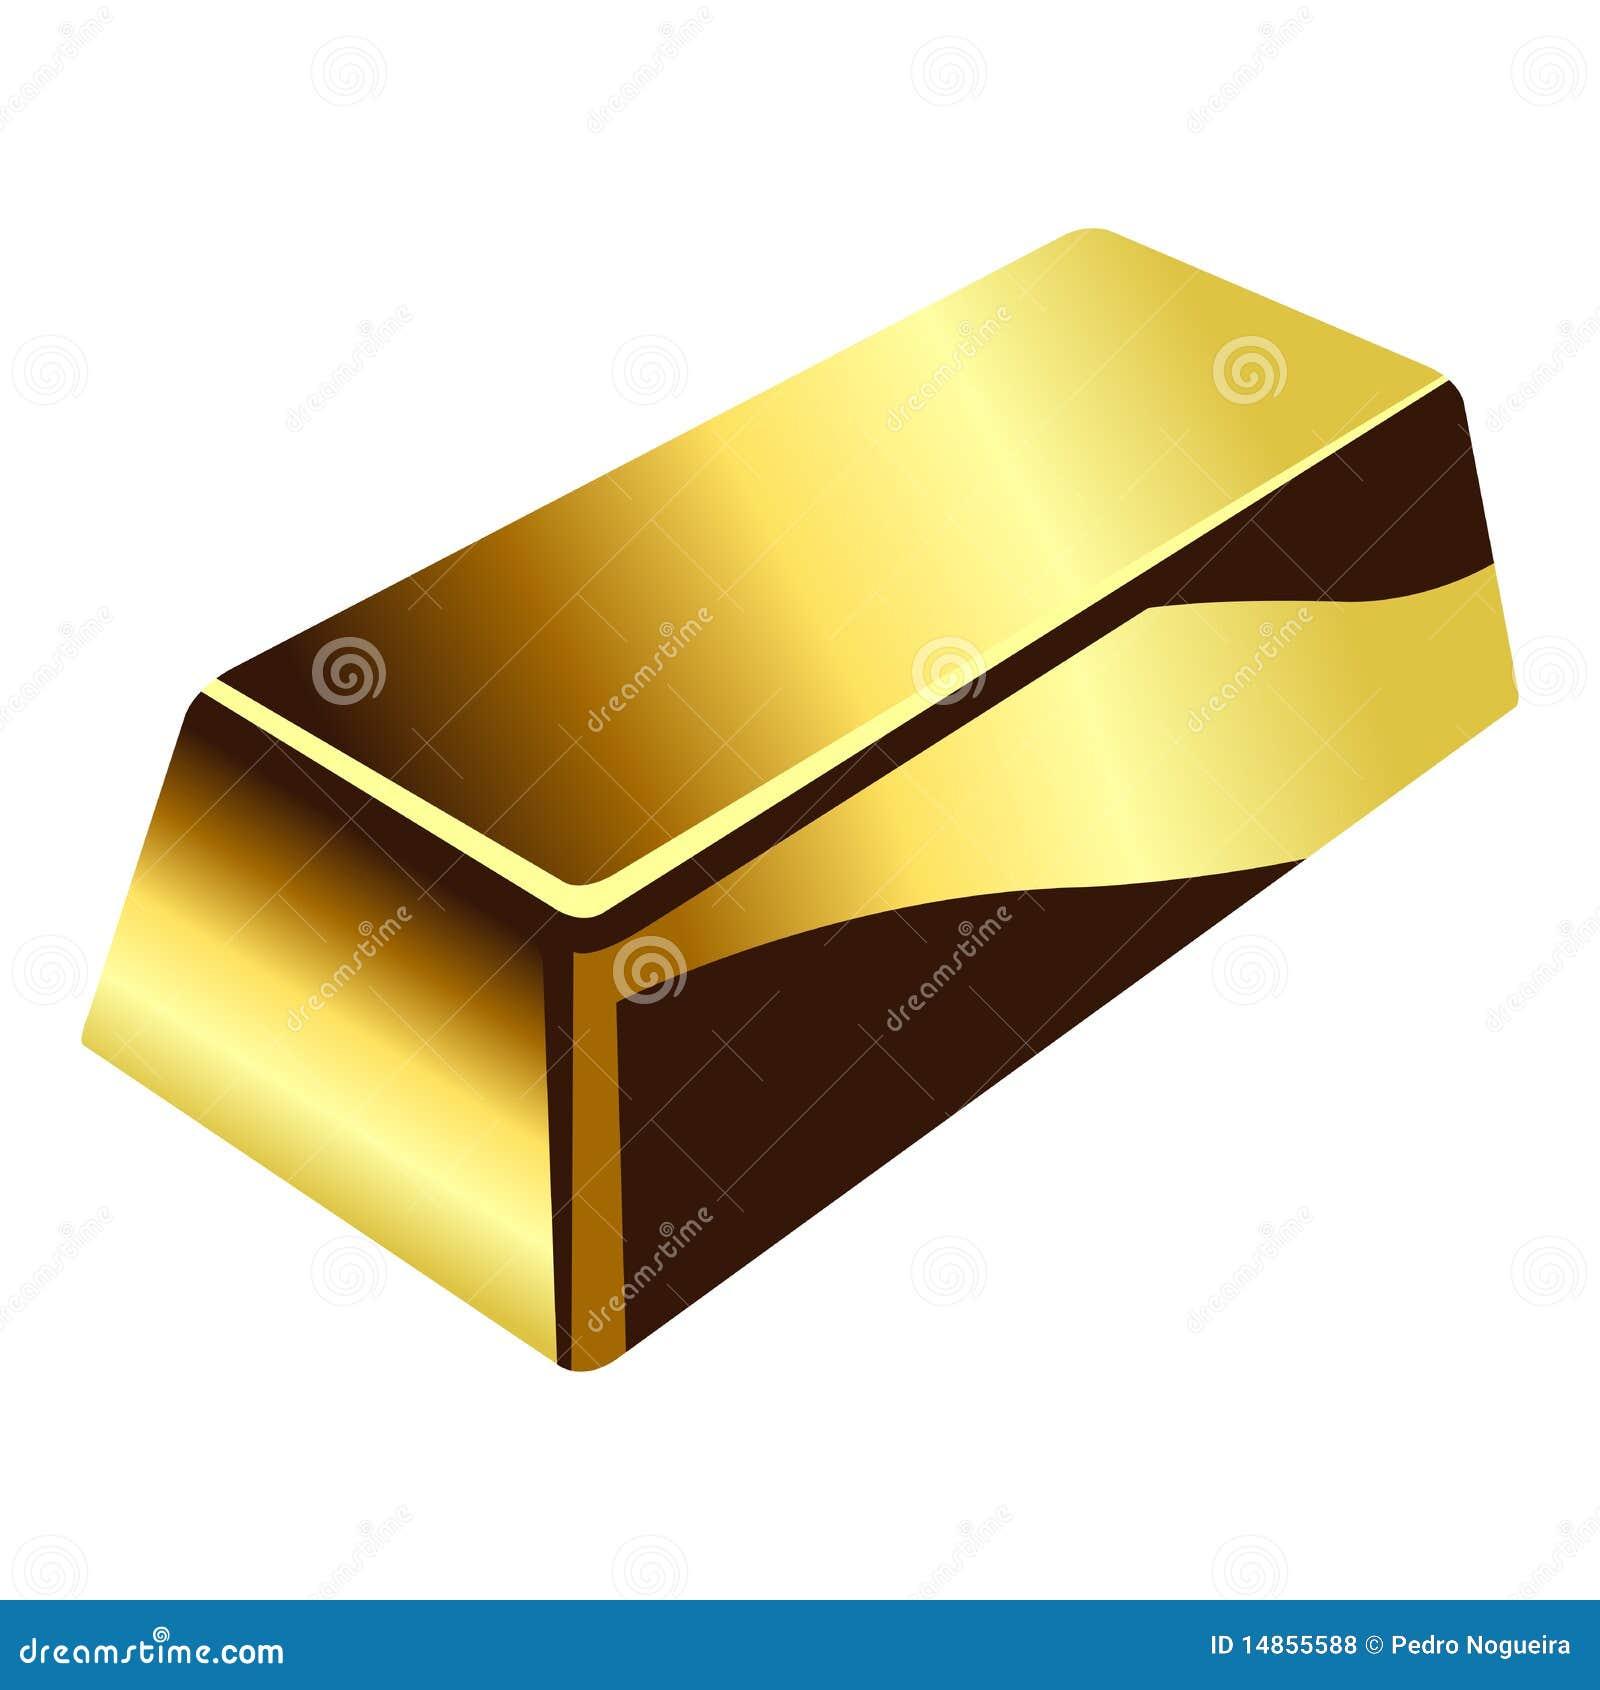 Gold bar over white